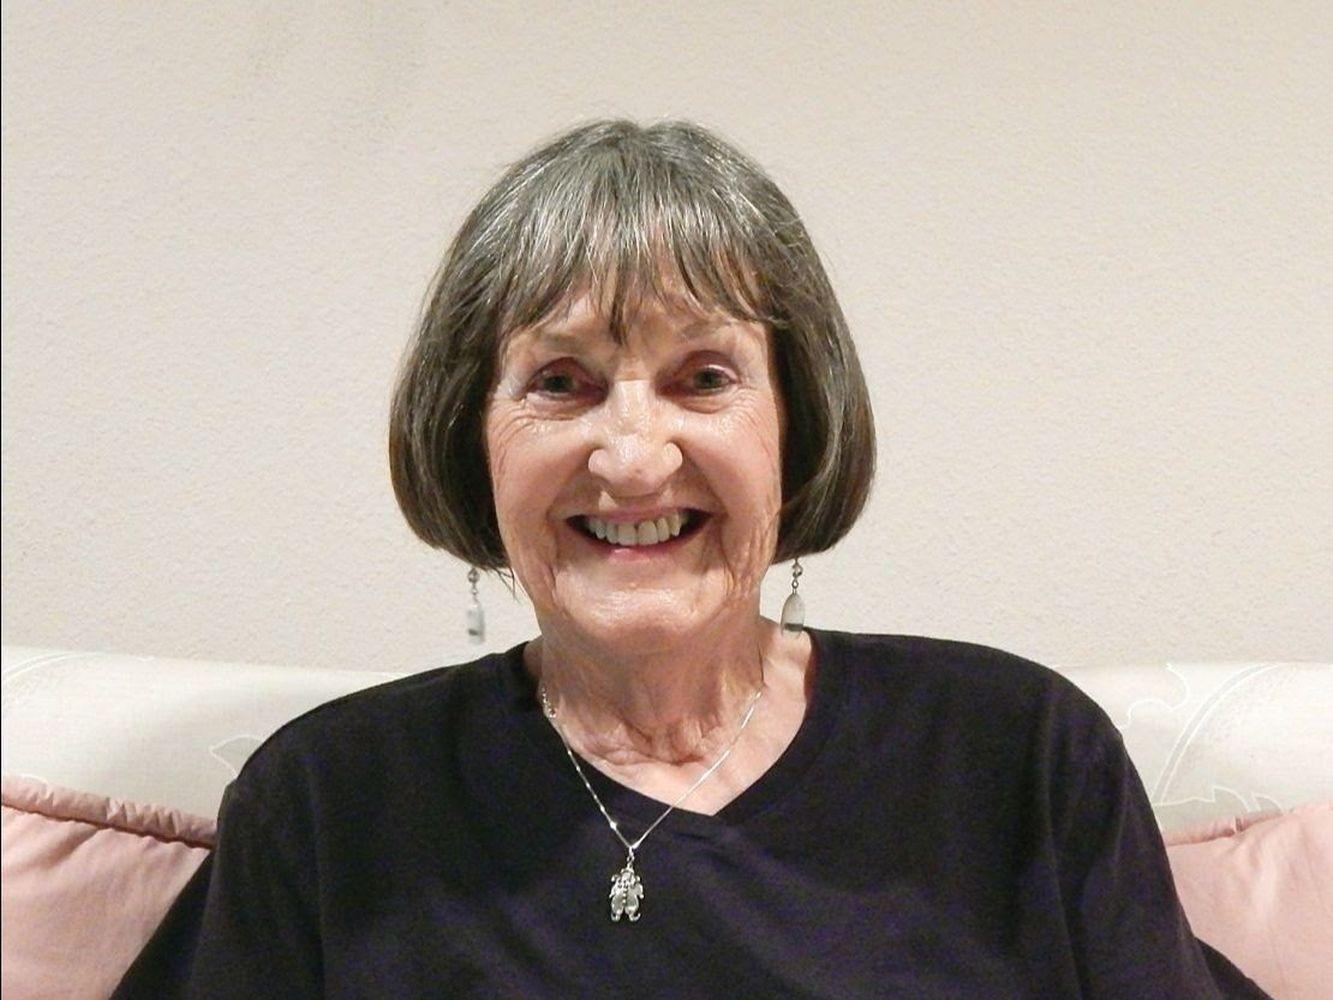 Yvonne T. Pinkerton